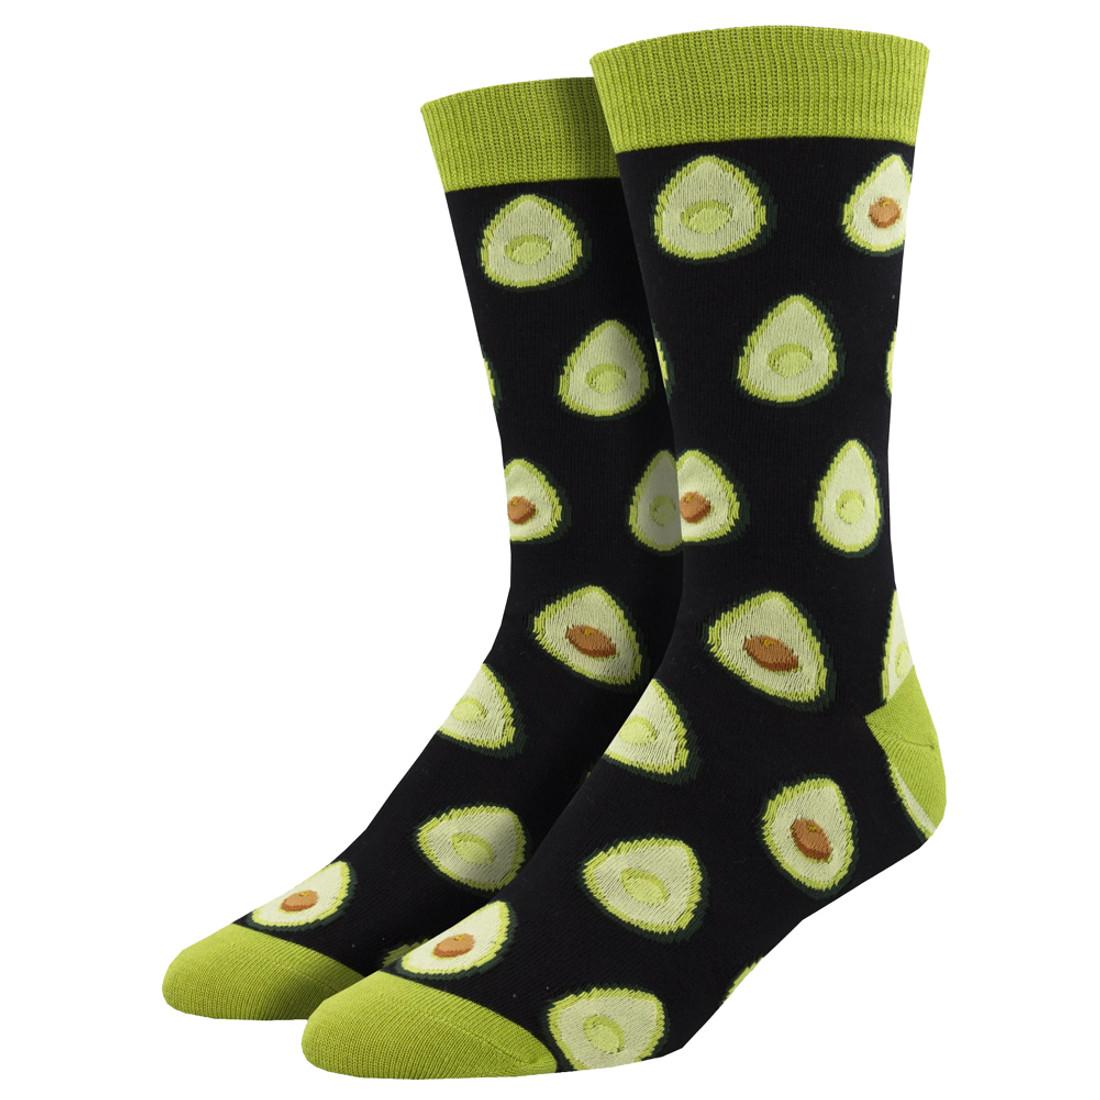 Avocado Men's Crew Socks